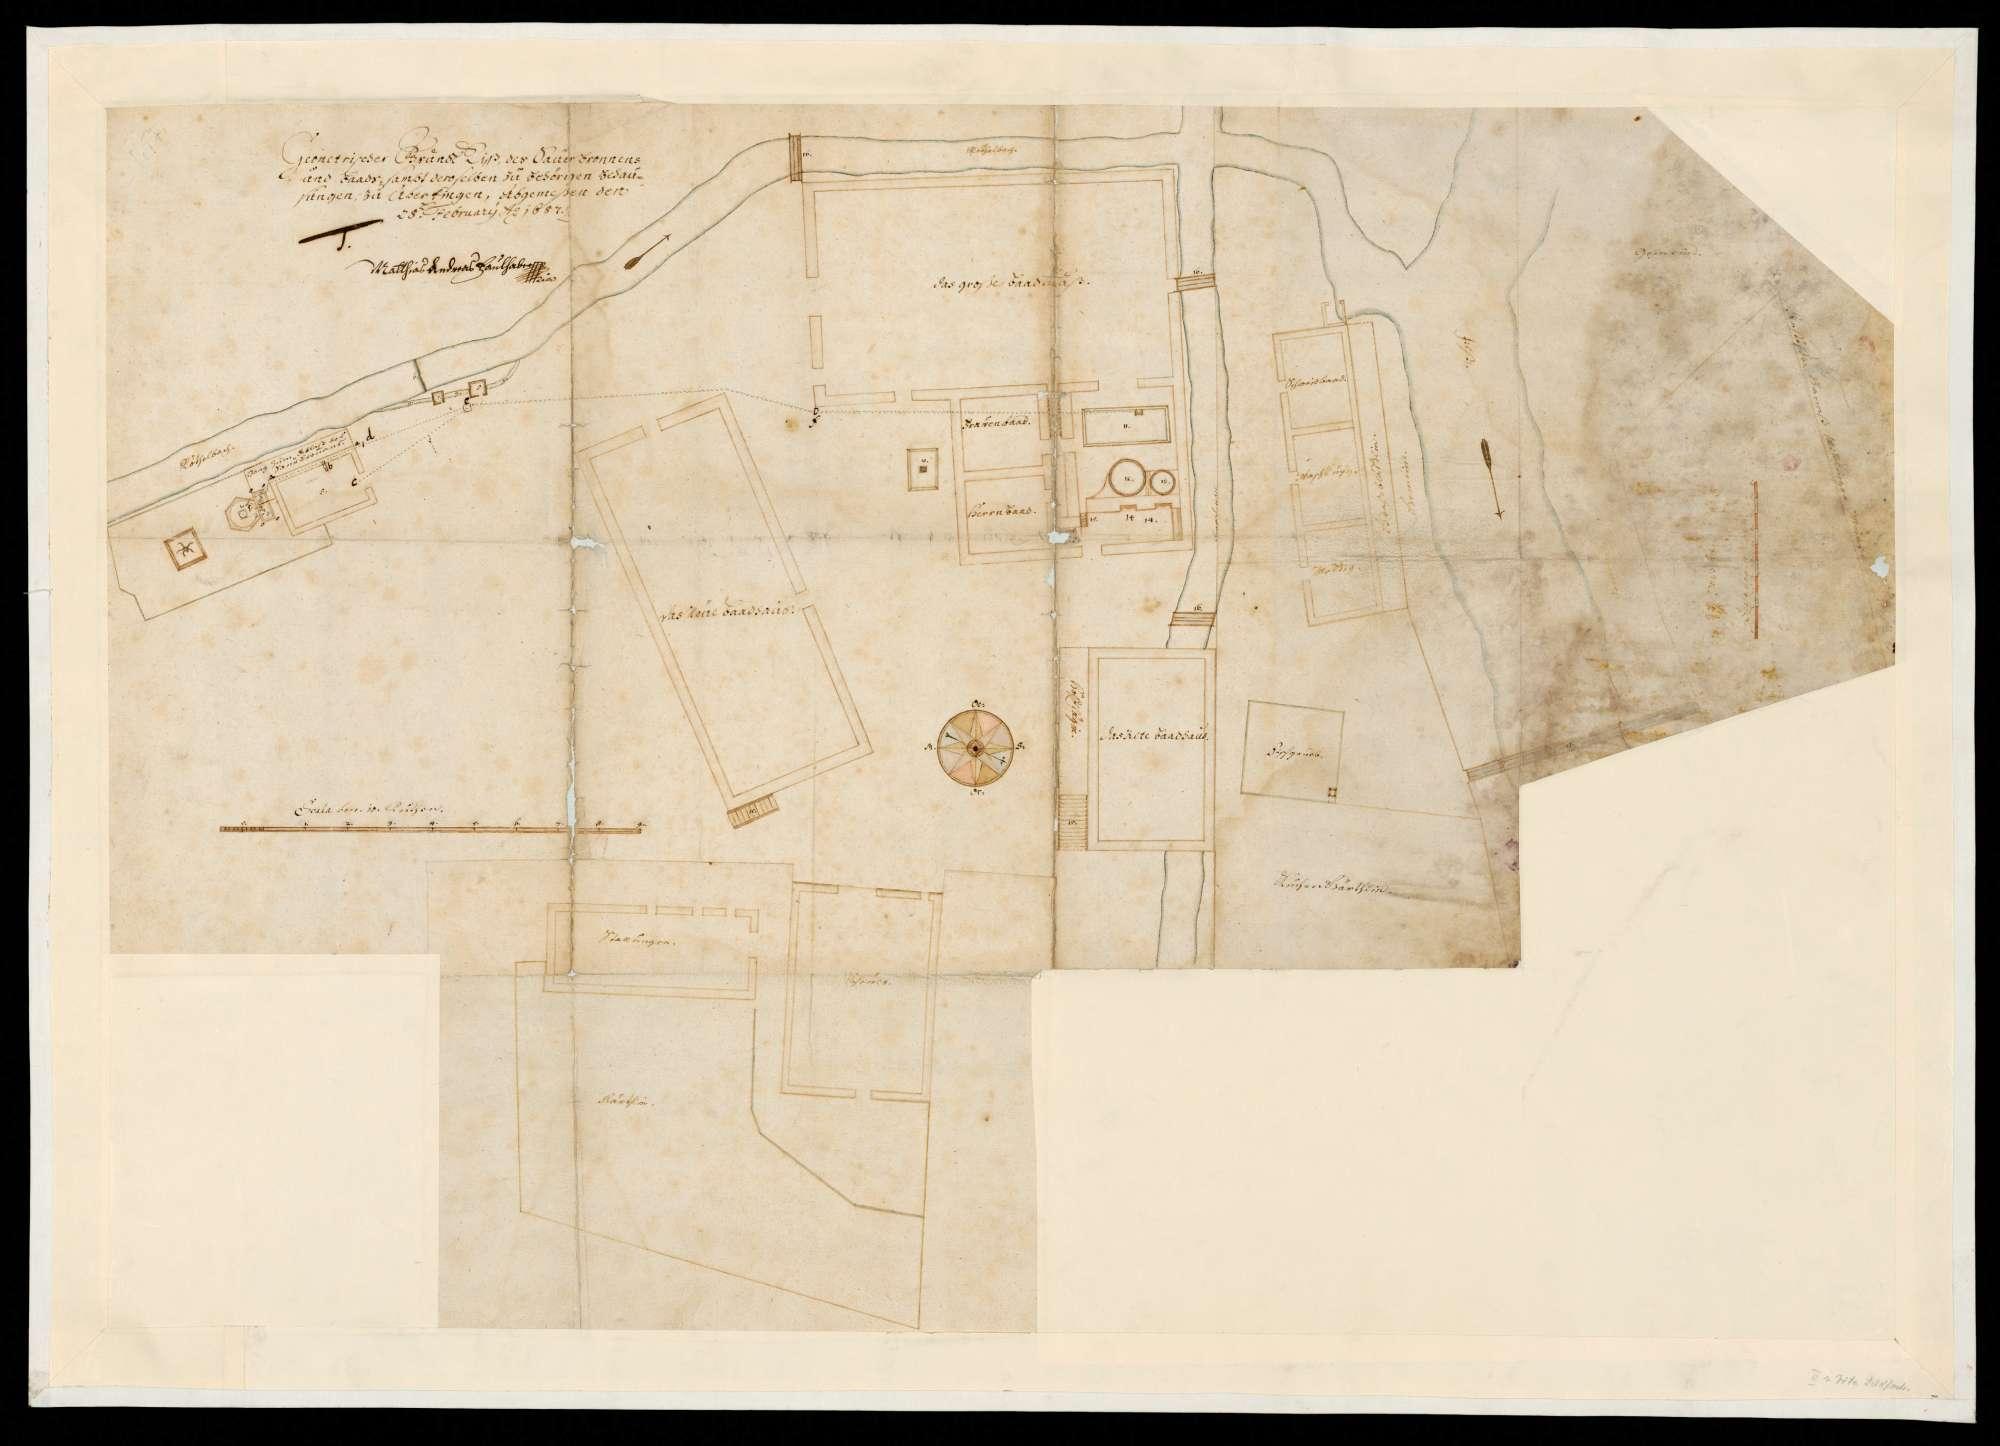 Geometrischer Grundriss des Sauerbrunnens und Bads samt zugehöriger Behausungen zu Überkingen (Herrschaft zu Ulm), Bild 1